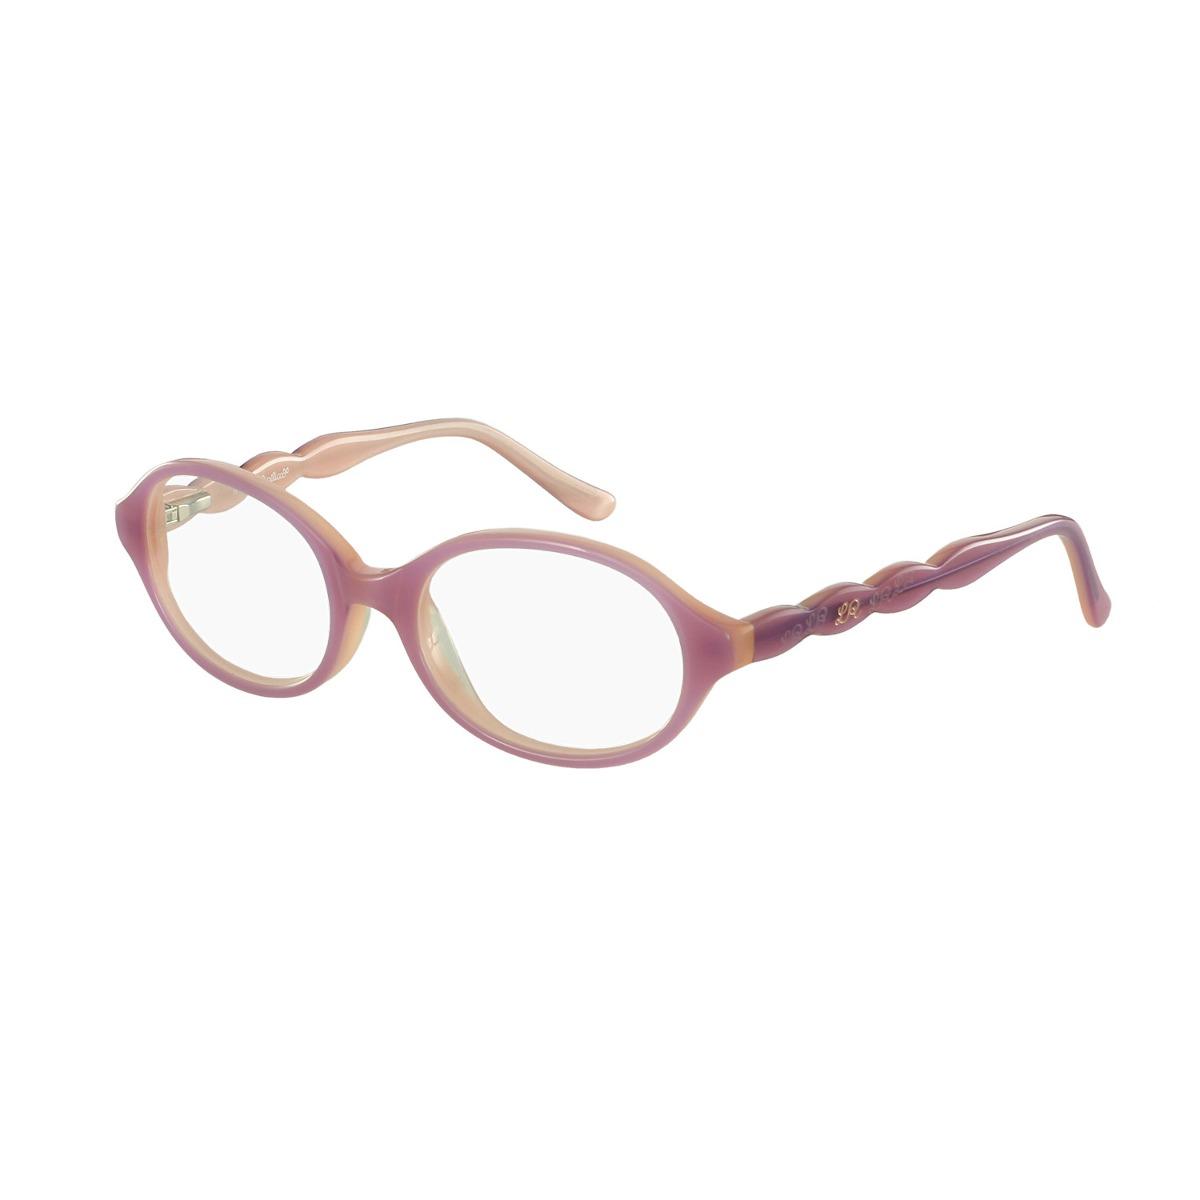 71a6351d7b0e9 Óculos De Grau Lilica Ripilica Casual Rosa - R  200,00 em Mercado Livre